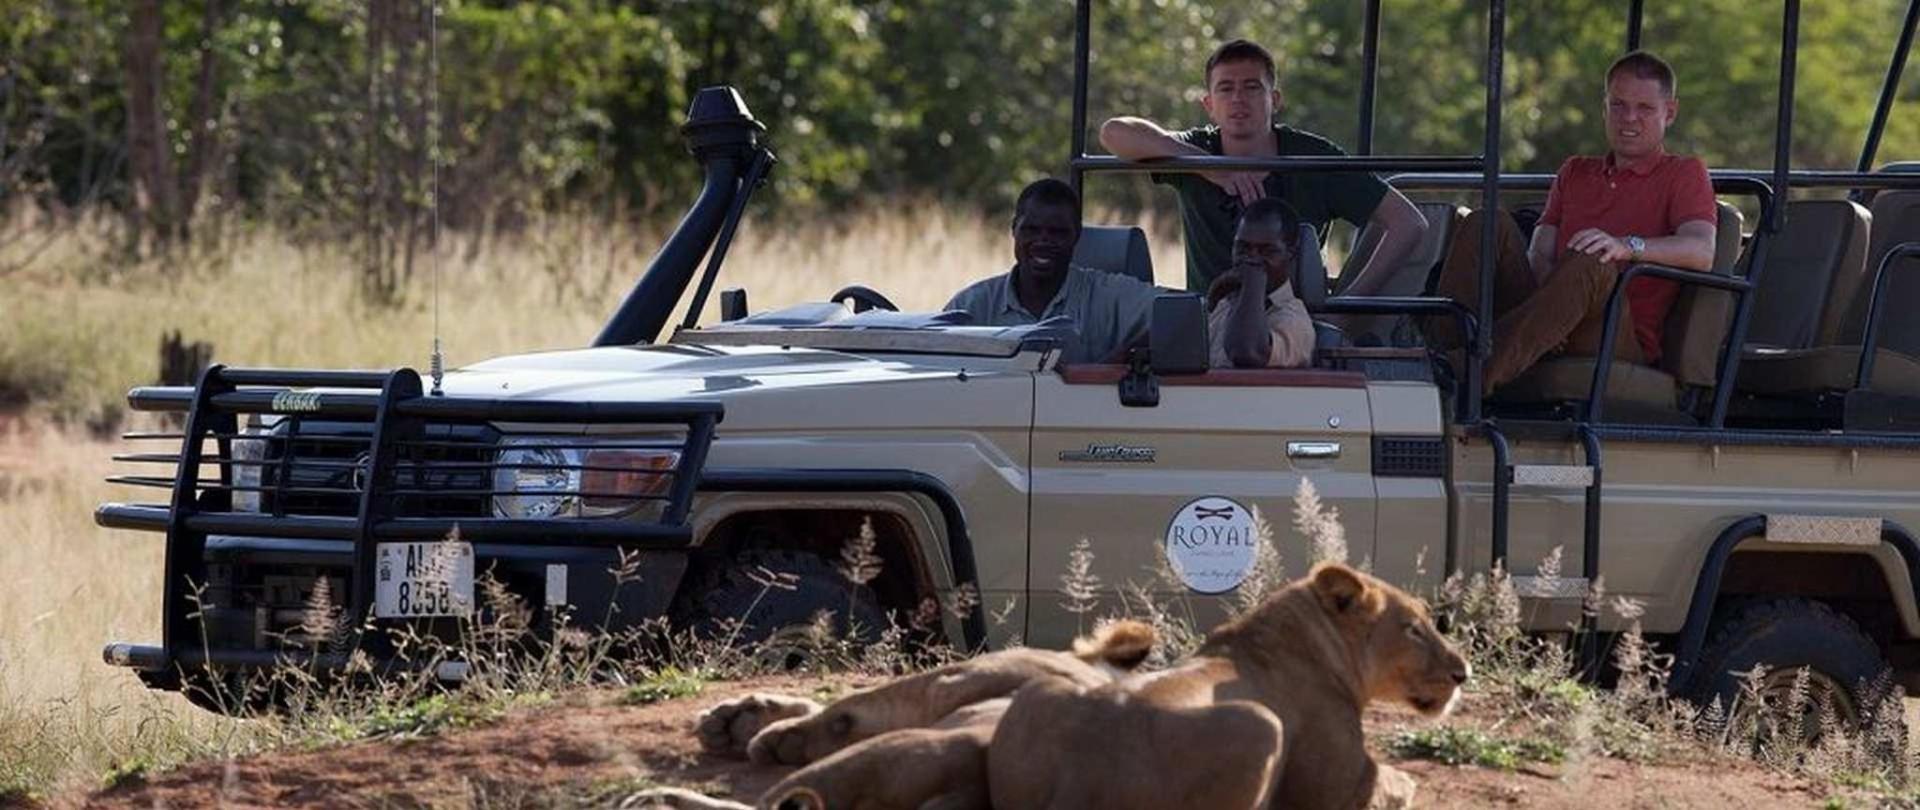 8-Day Zambia Untouched Wilderness Safari - Zambia Itinerary